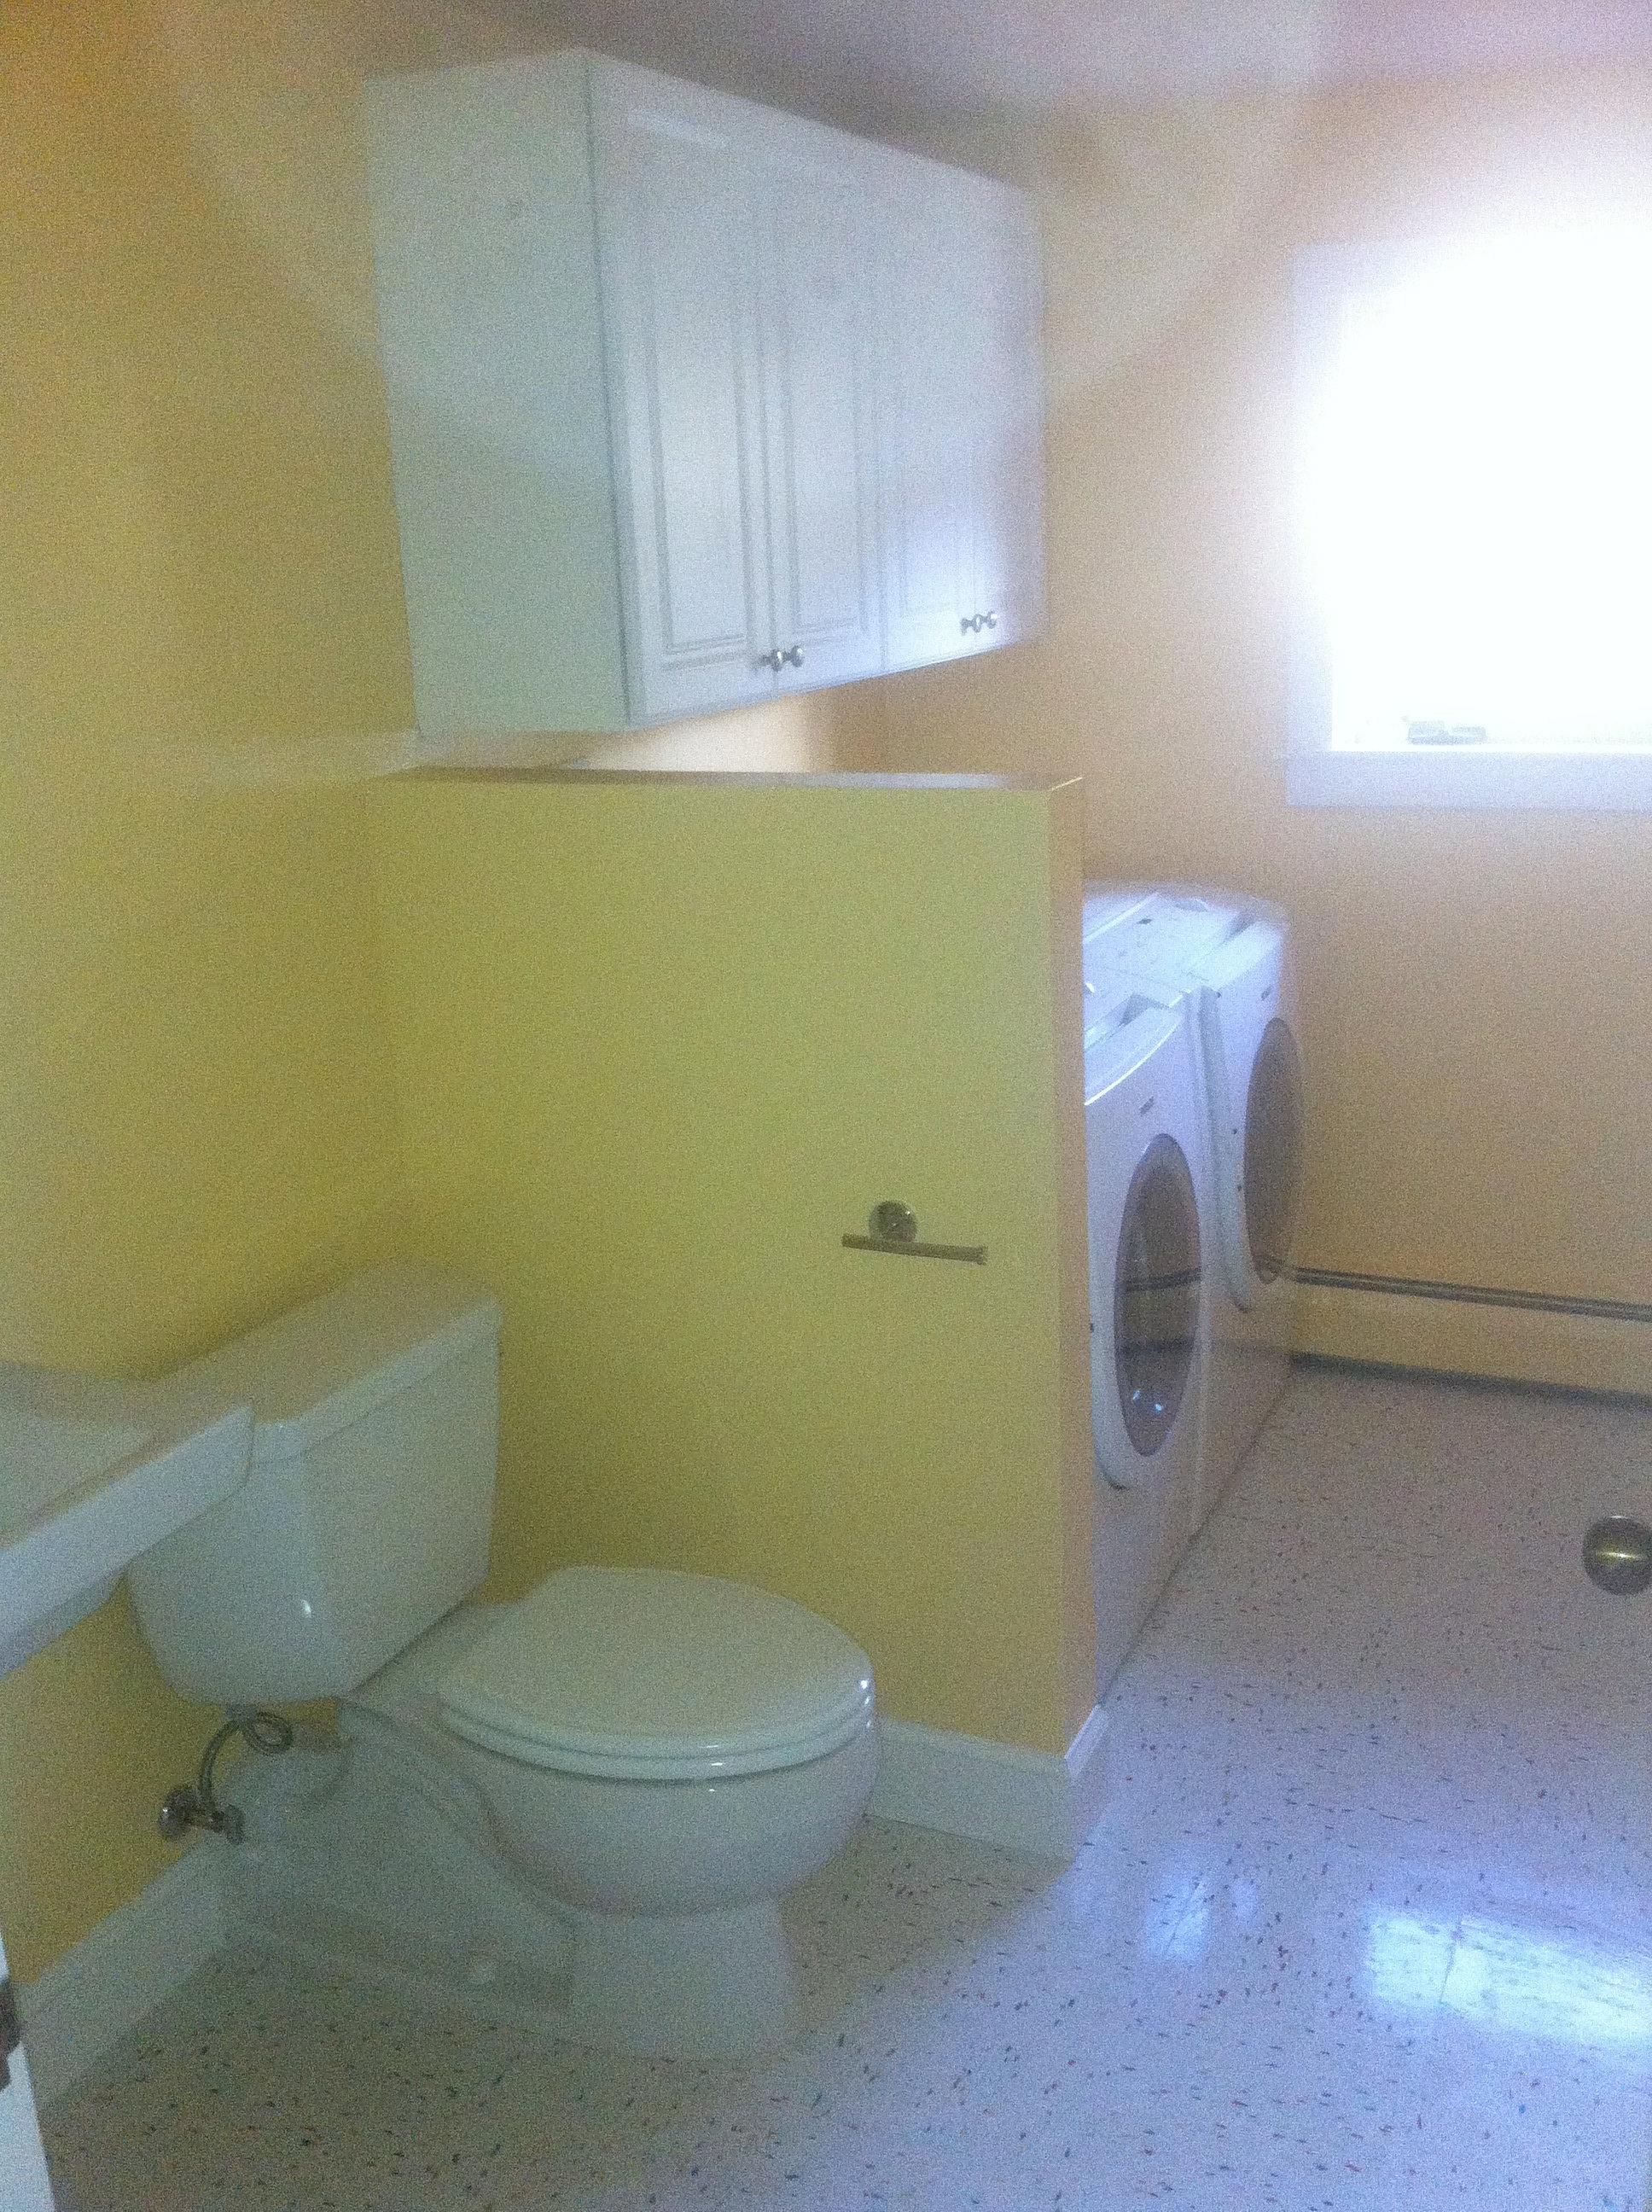 KS Remodeling Kitchen And Bathroom Remodeling